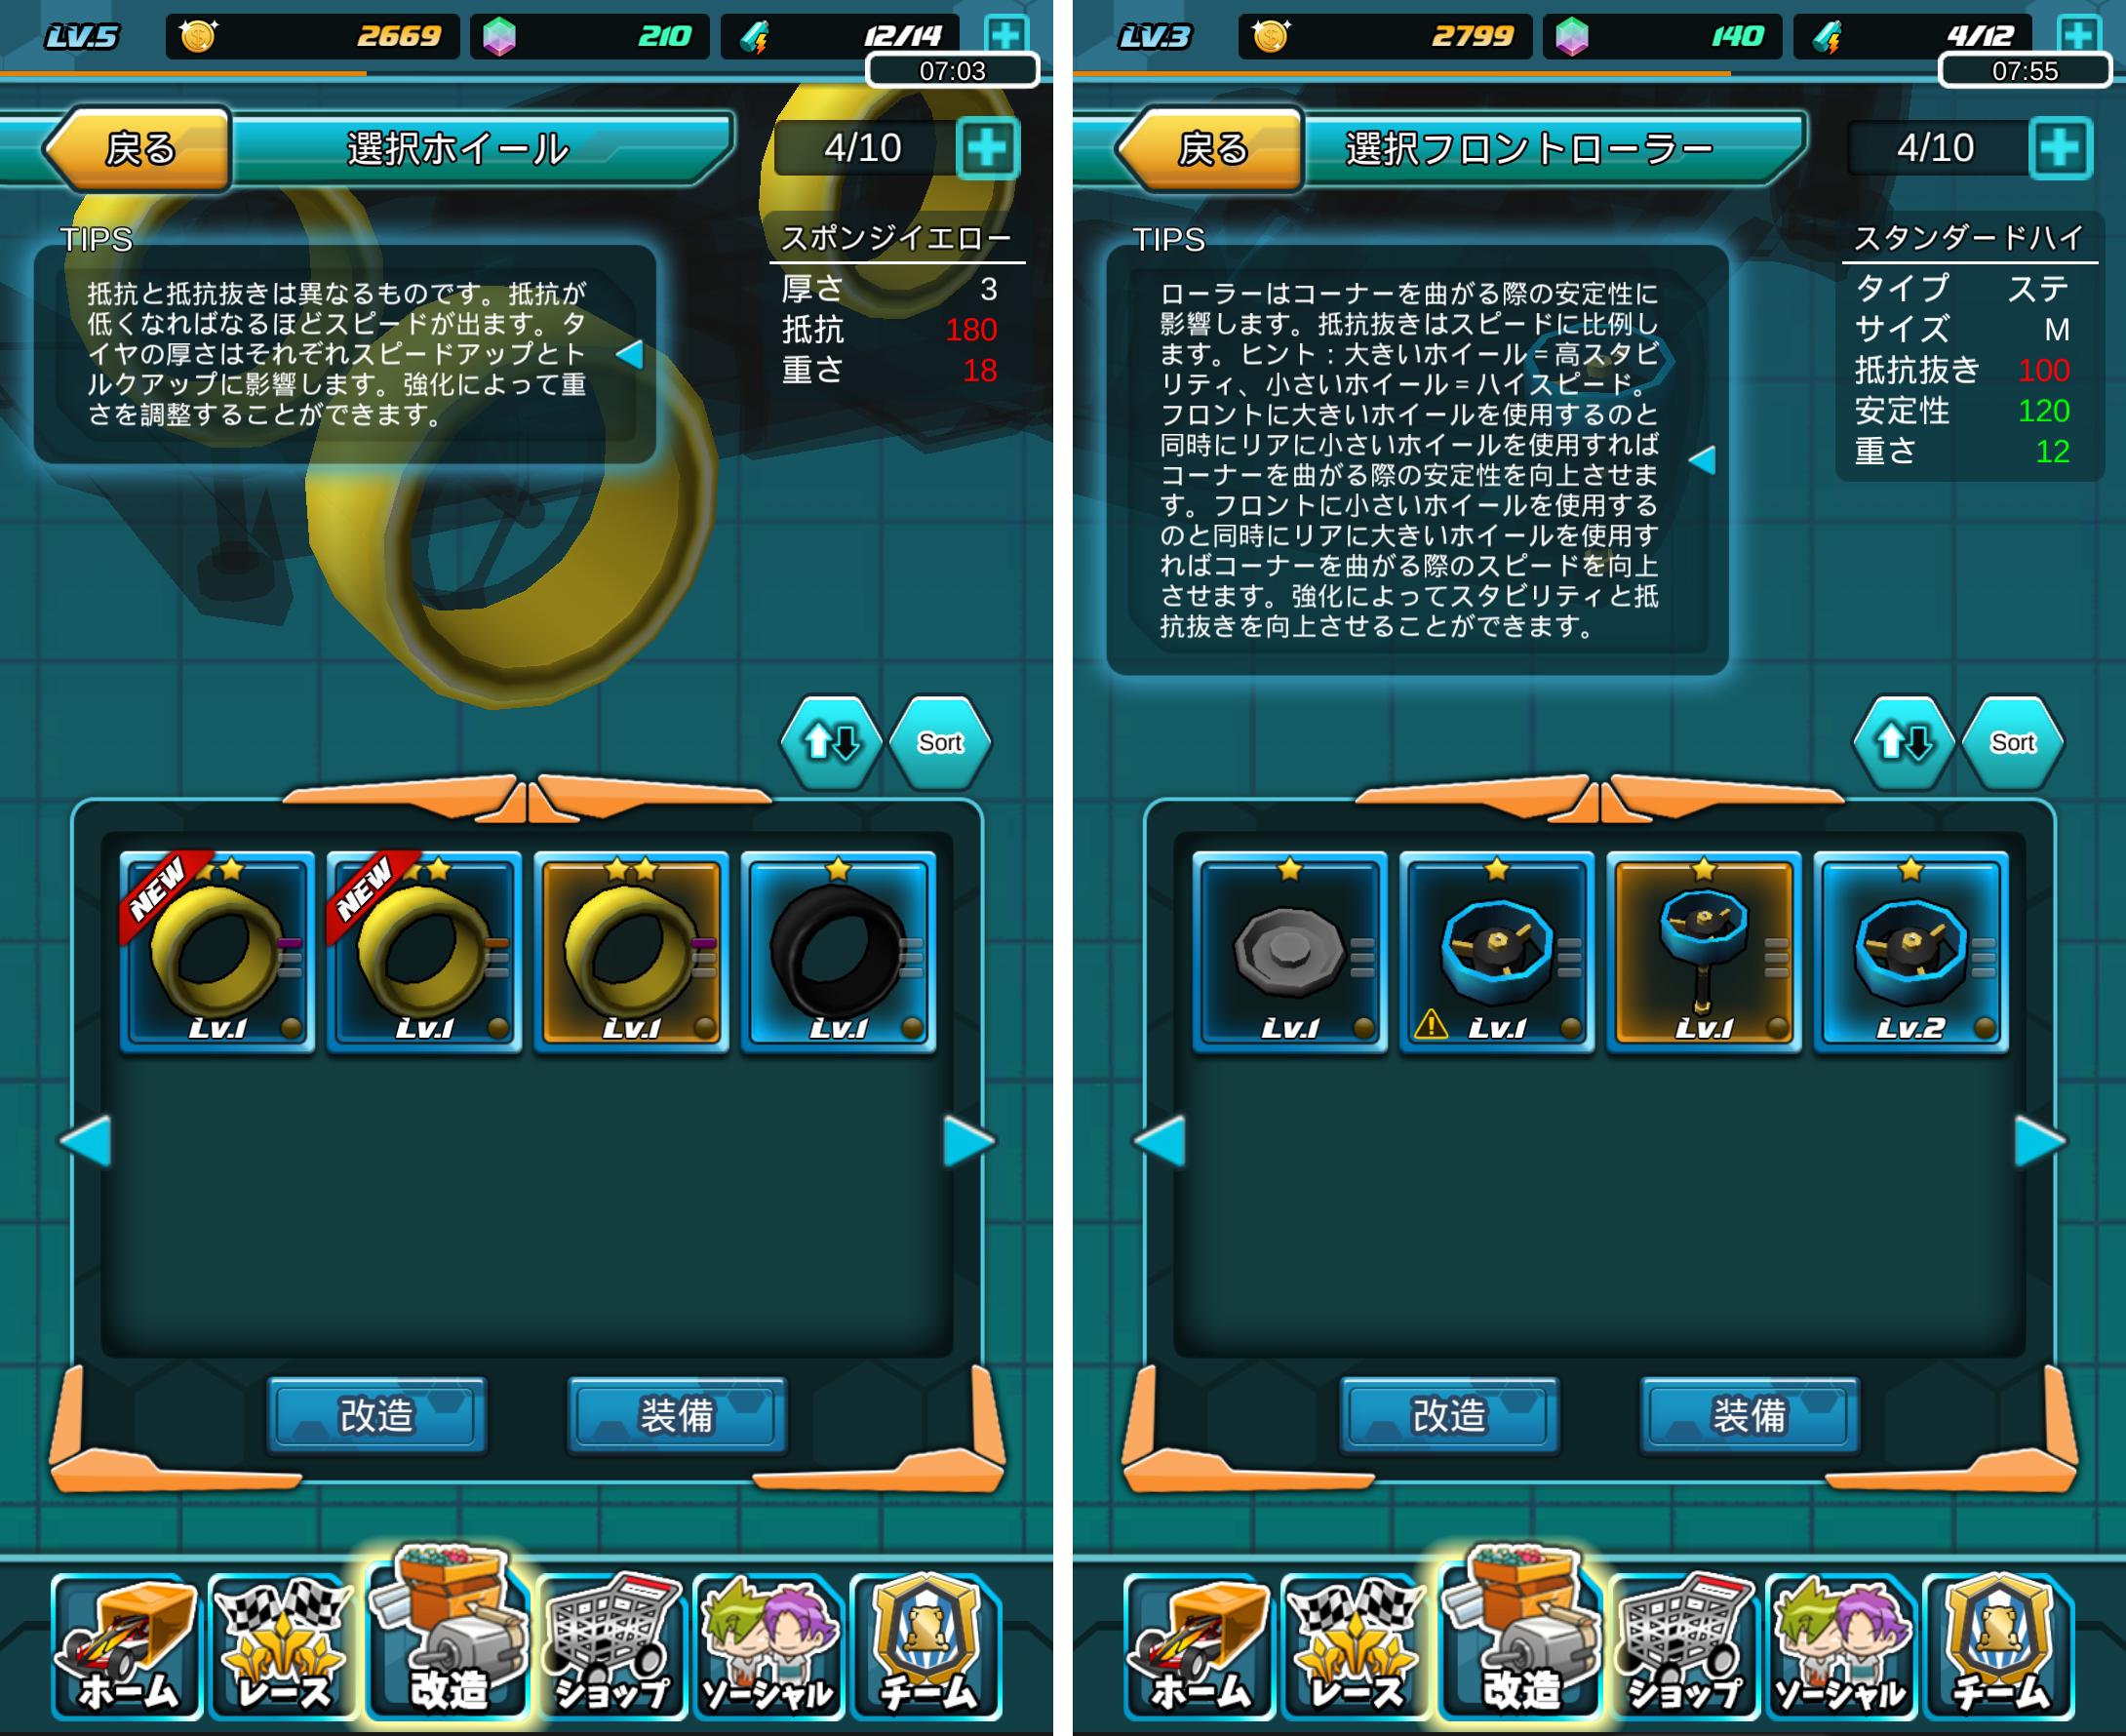 四駆伝説- #1 androidアプリスクリーンショット2